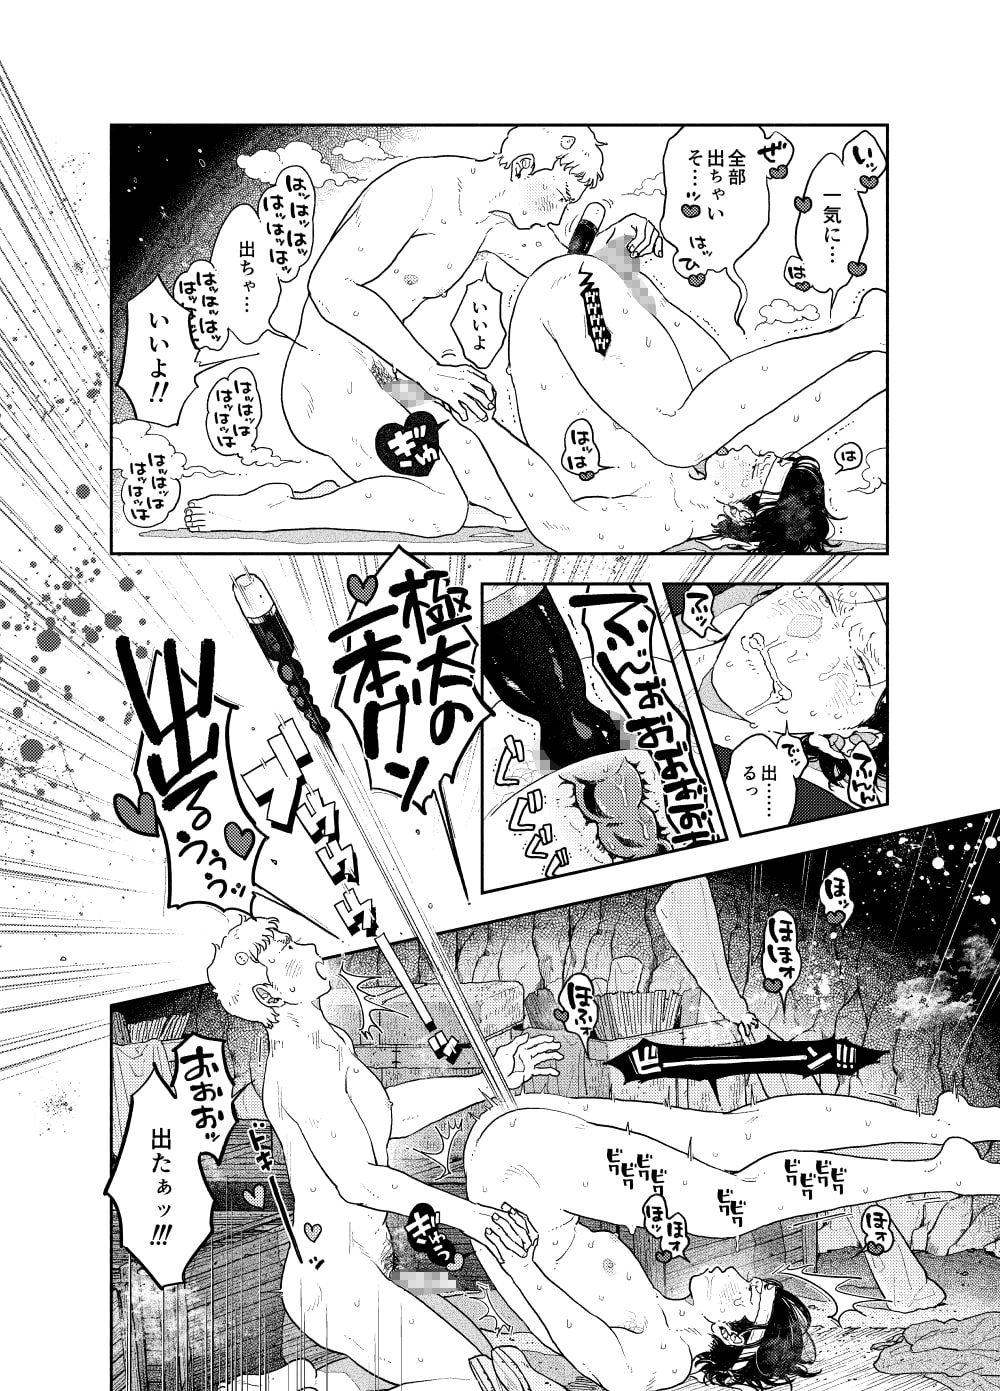 日本一淫乱な桃太郎。 アナルパール、バイブ、きび団子を自力排泄。